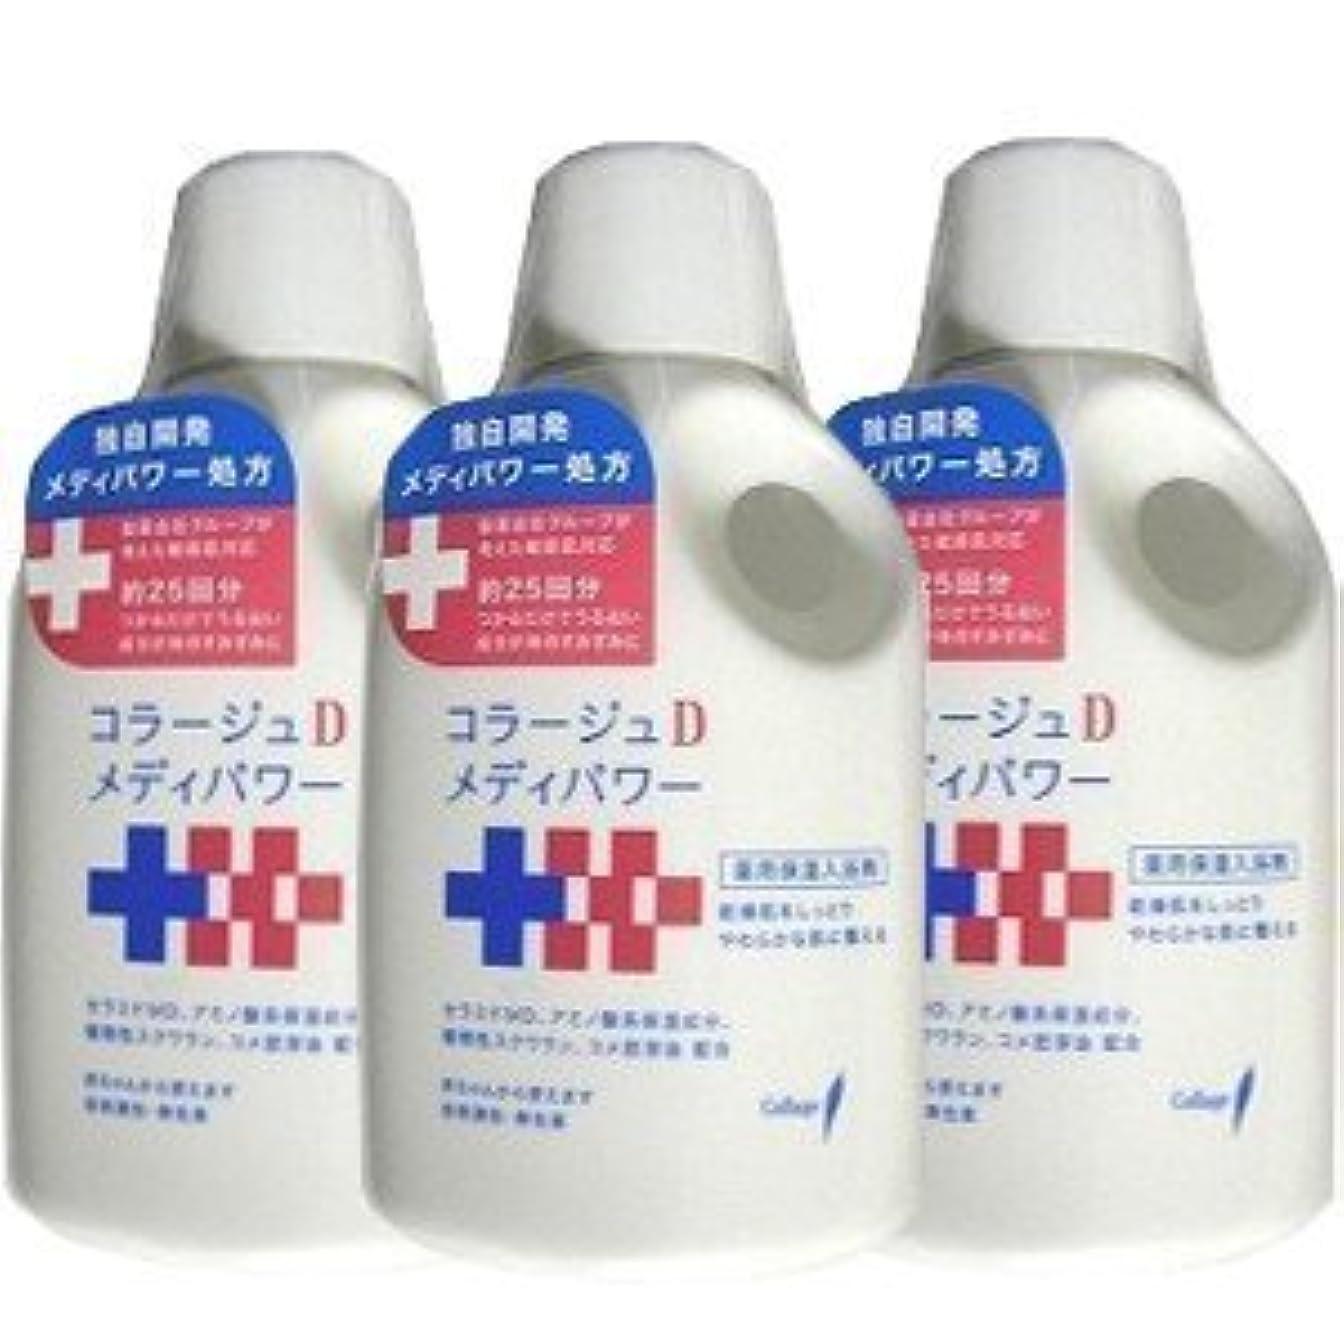 引き算タブレットチューリップ【3本】コラージュD メディパワー保湿入浴剤 500mlx3本